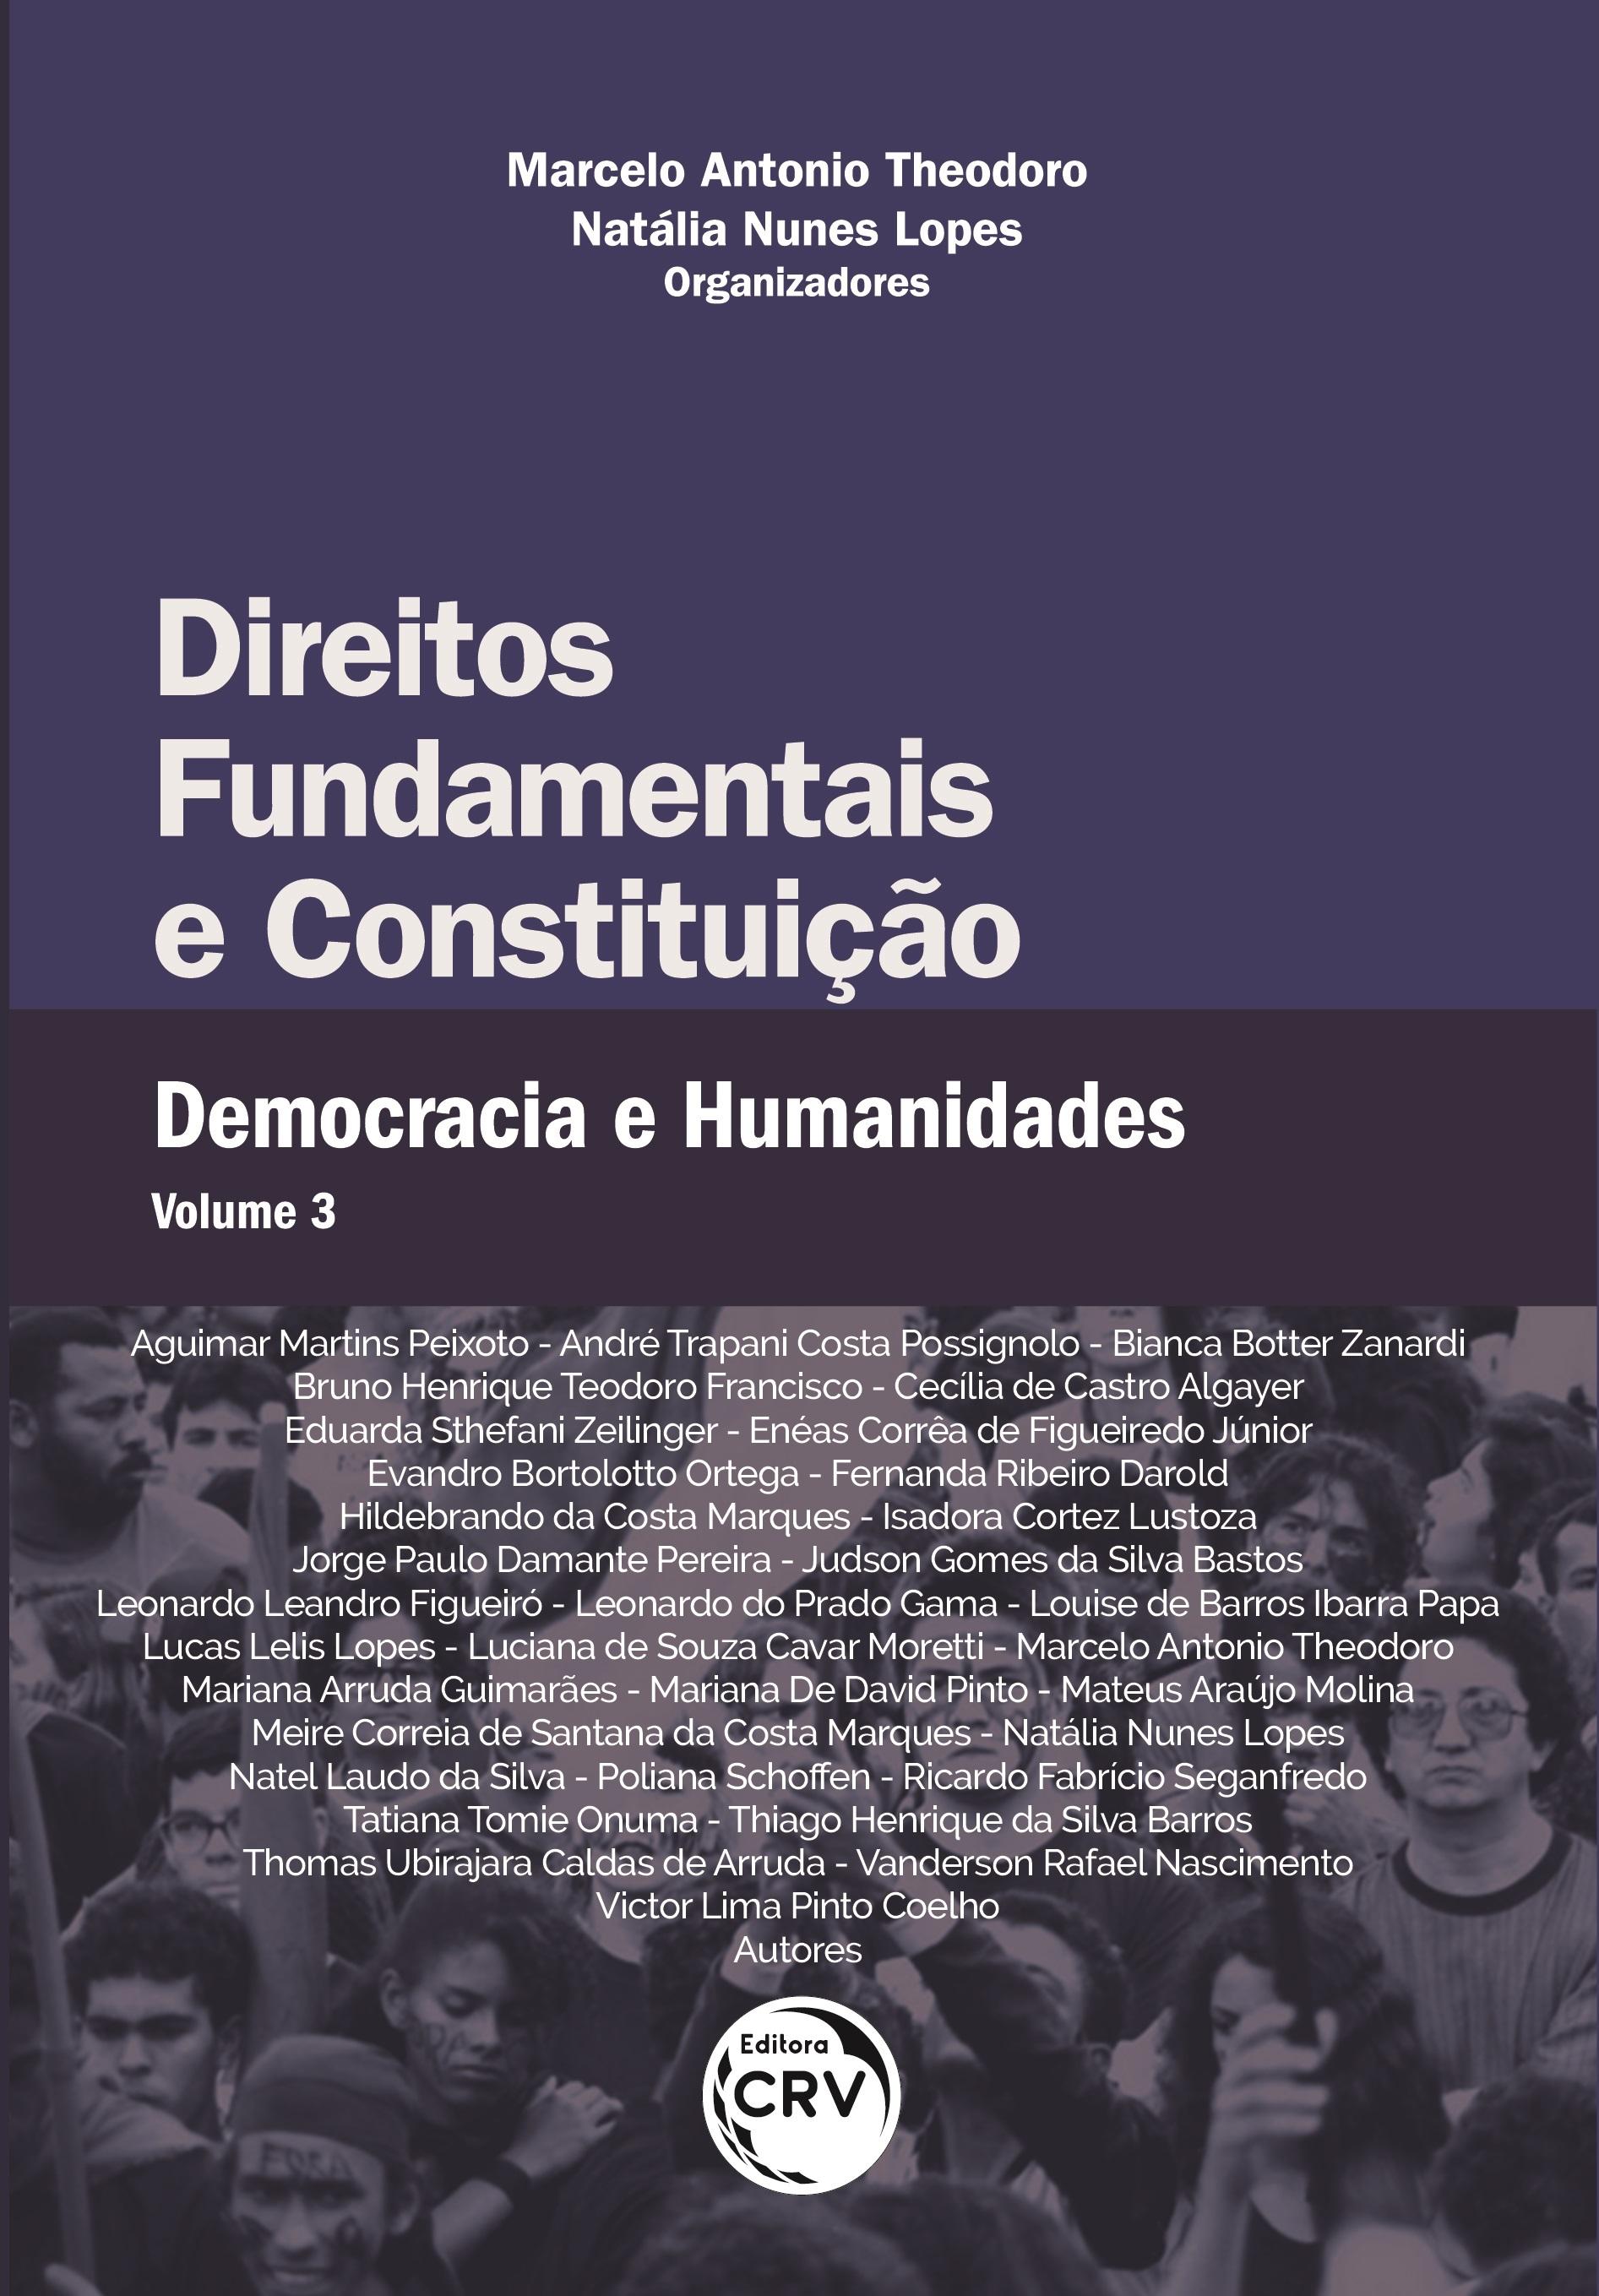 Capa do livro: DIREITOS FUNDAMENTAIS E CONSTITUIÇÃO: <br>Democracia e Humanidades <br>Volume 3